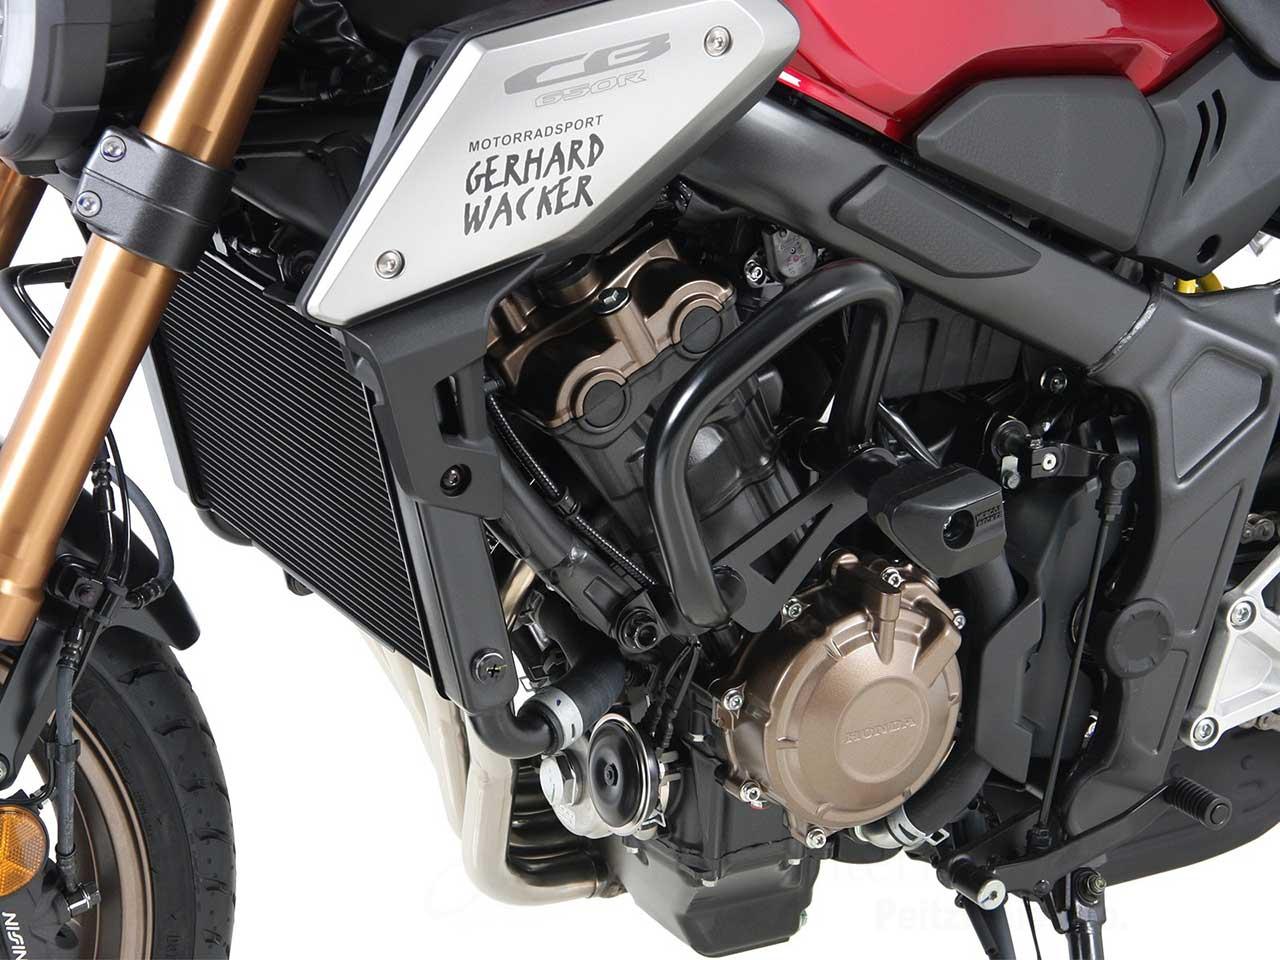 ヘプコ&ベッカー 正規品 エンジンガード Honda CB650R ('19-) / CB650F('14-)